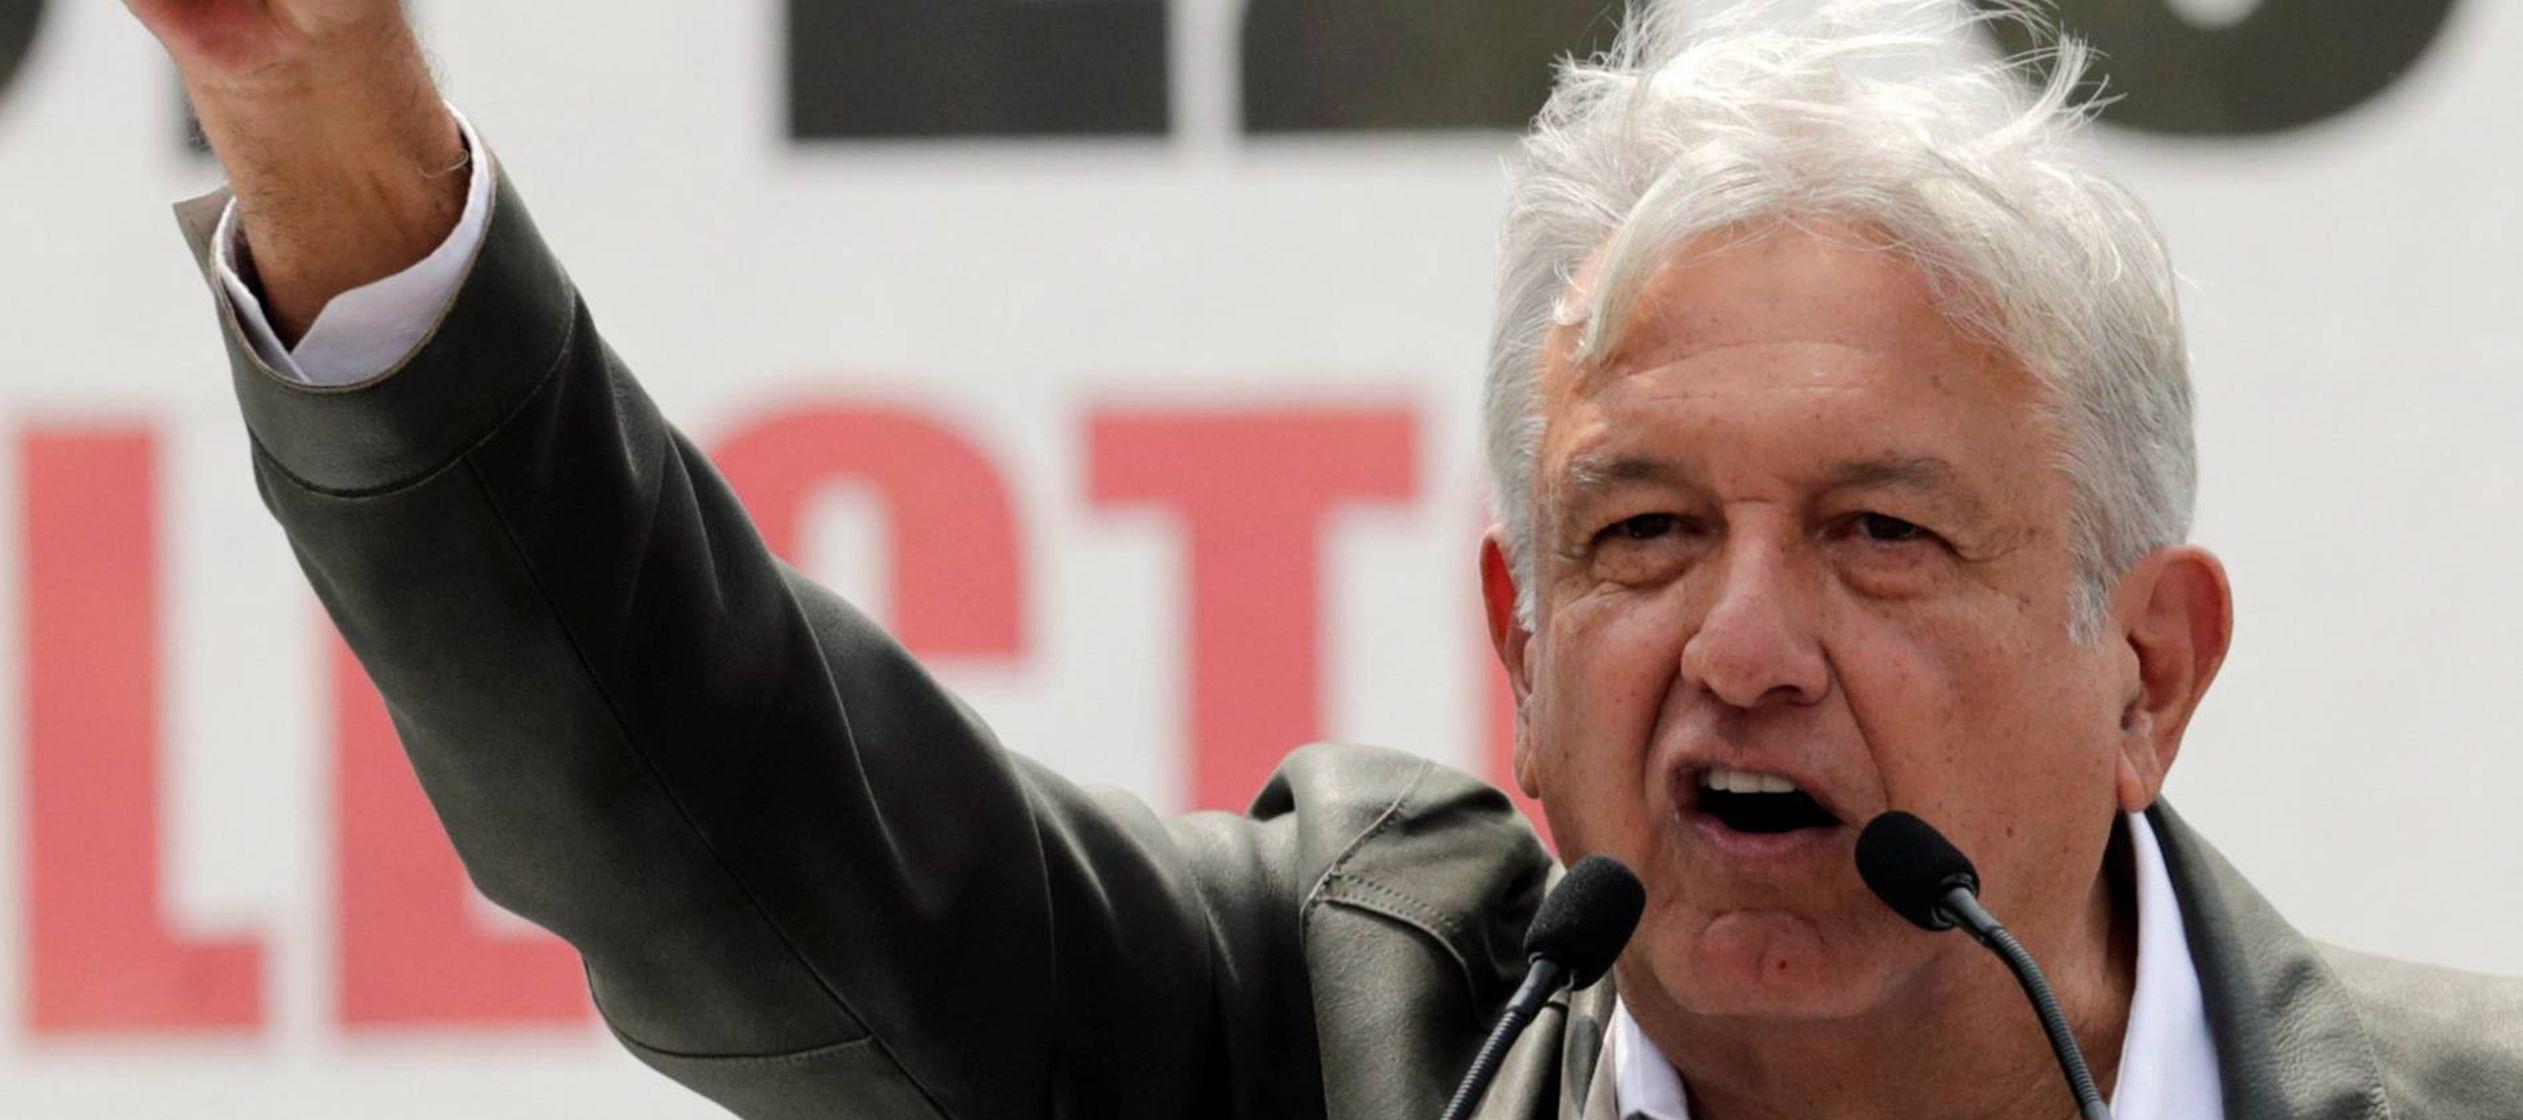 López Obrador propone dividir México en regiones de control federal para combatir la violencia